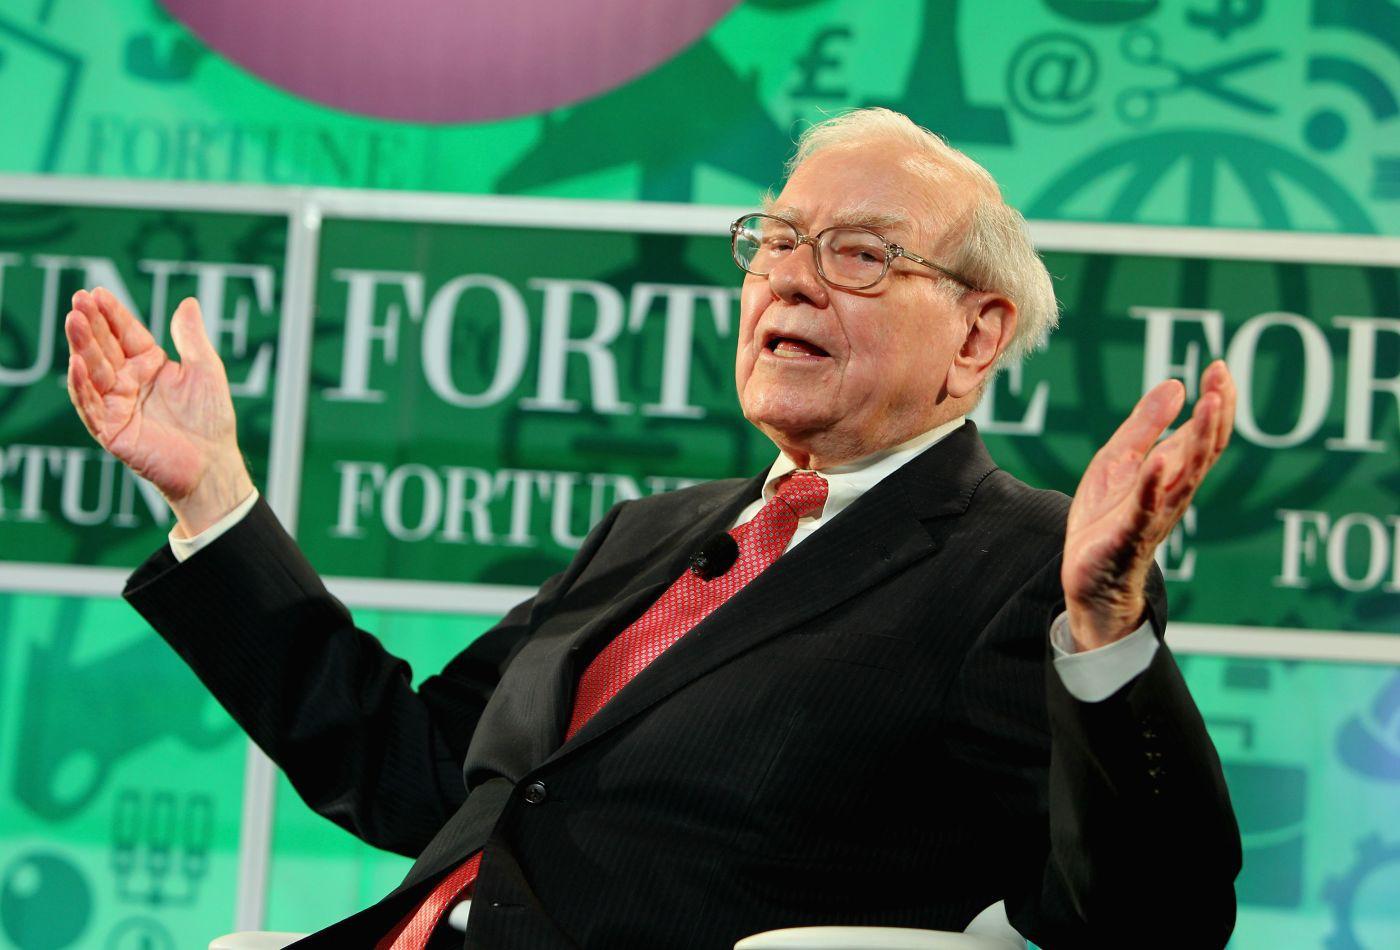 Để đưa ra quyết định khó khăn, tỉ phú Warren Buffett áp dụng một cách đơn giản - Ảnh 1.